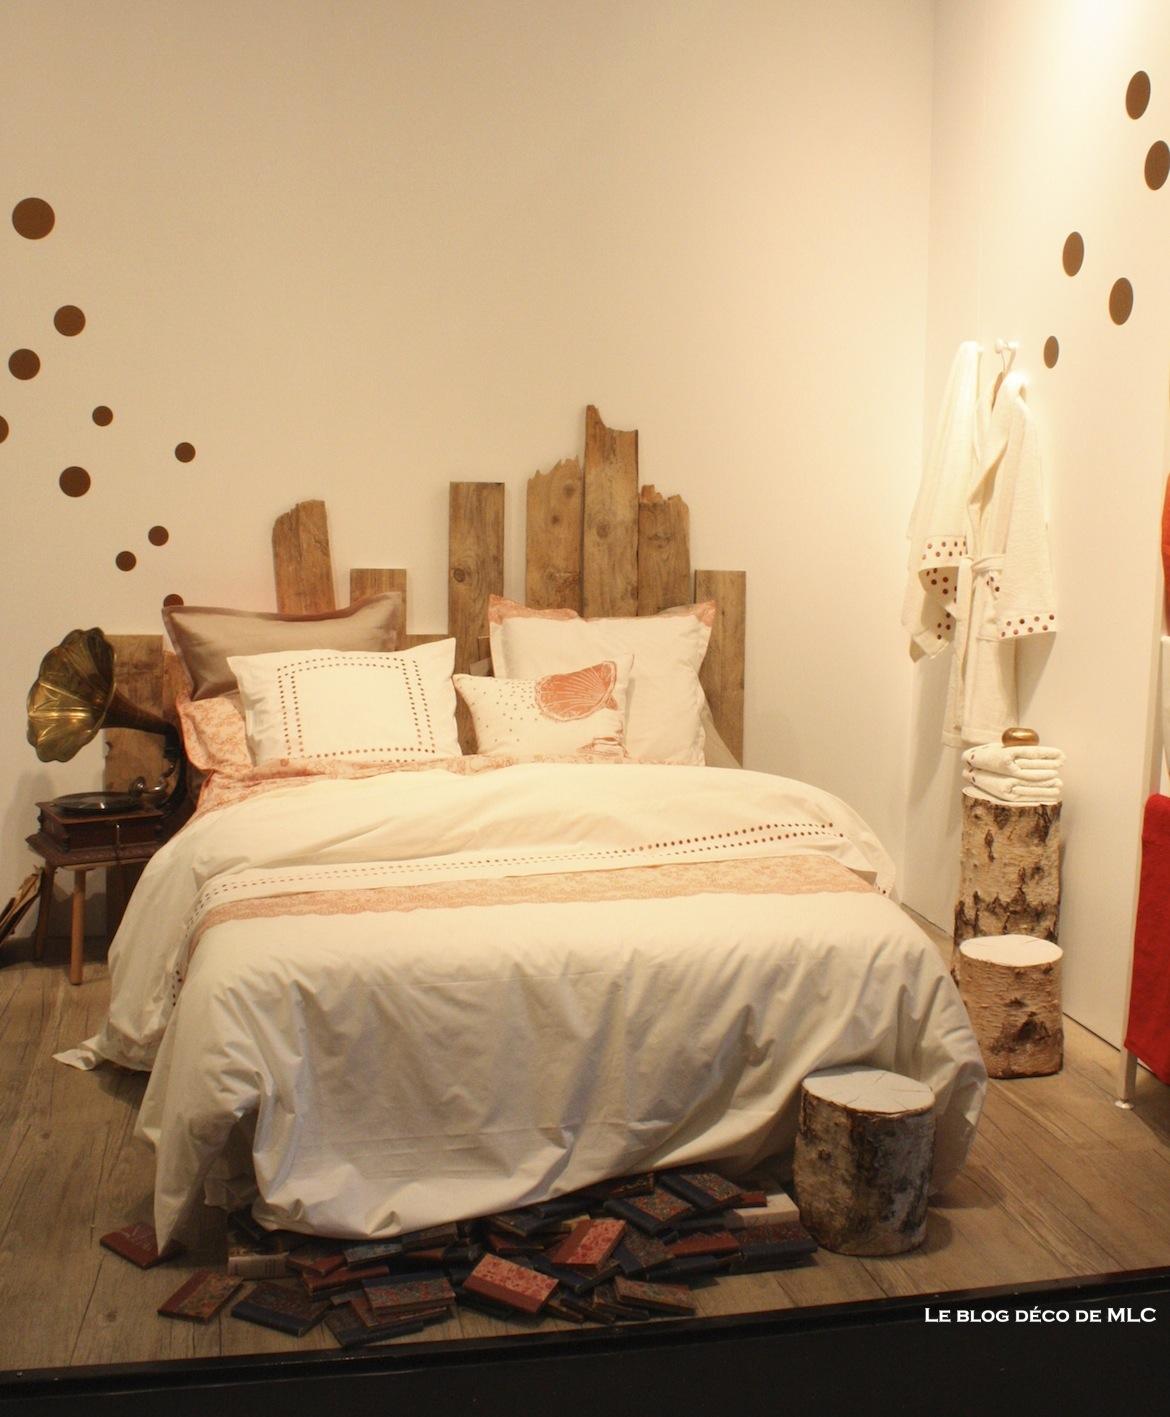 Fabriquer Tete De Lit Planche Bois tête de lit en bois – palette, planche ou meuble fabriqué